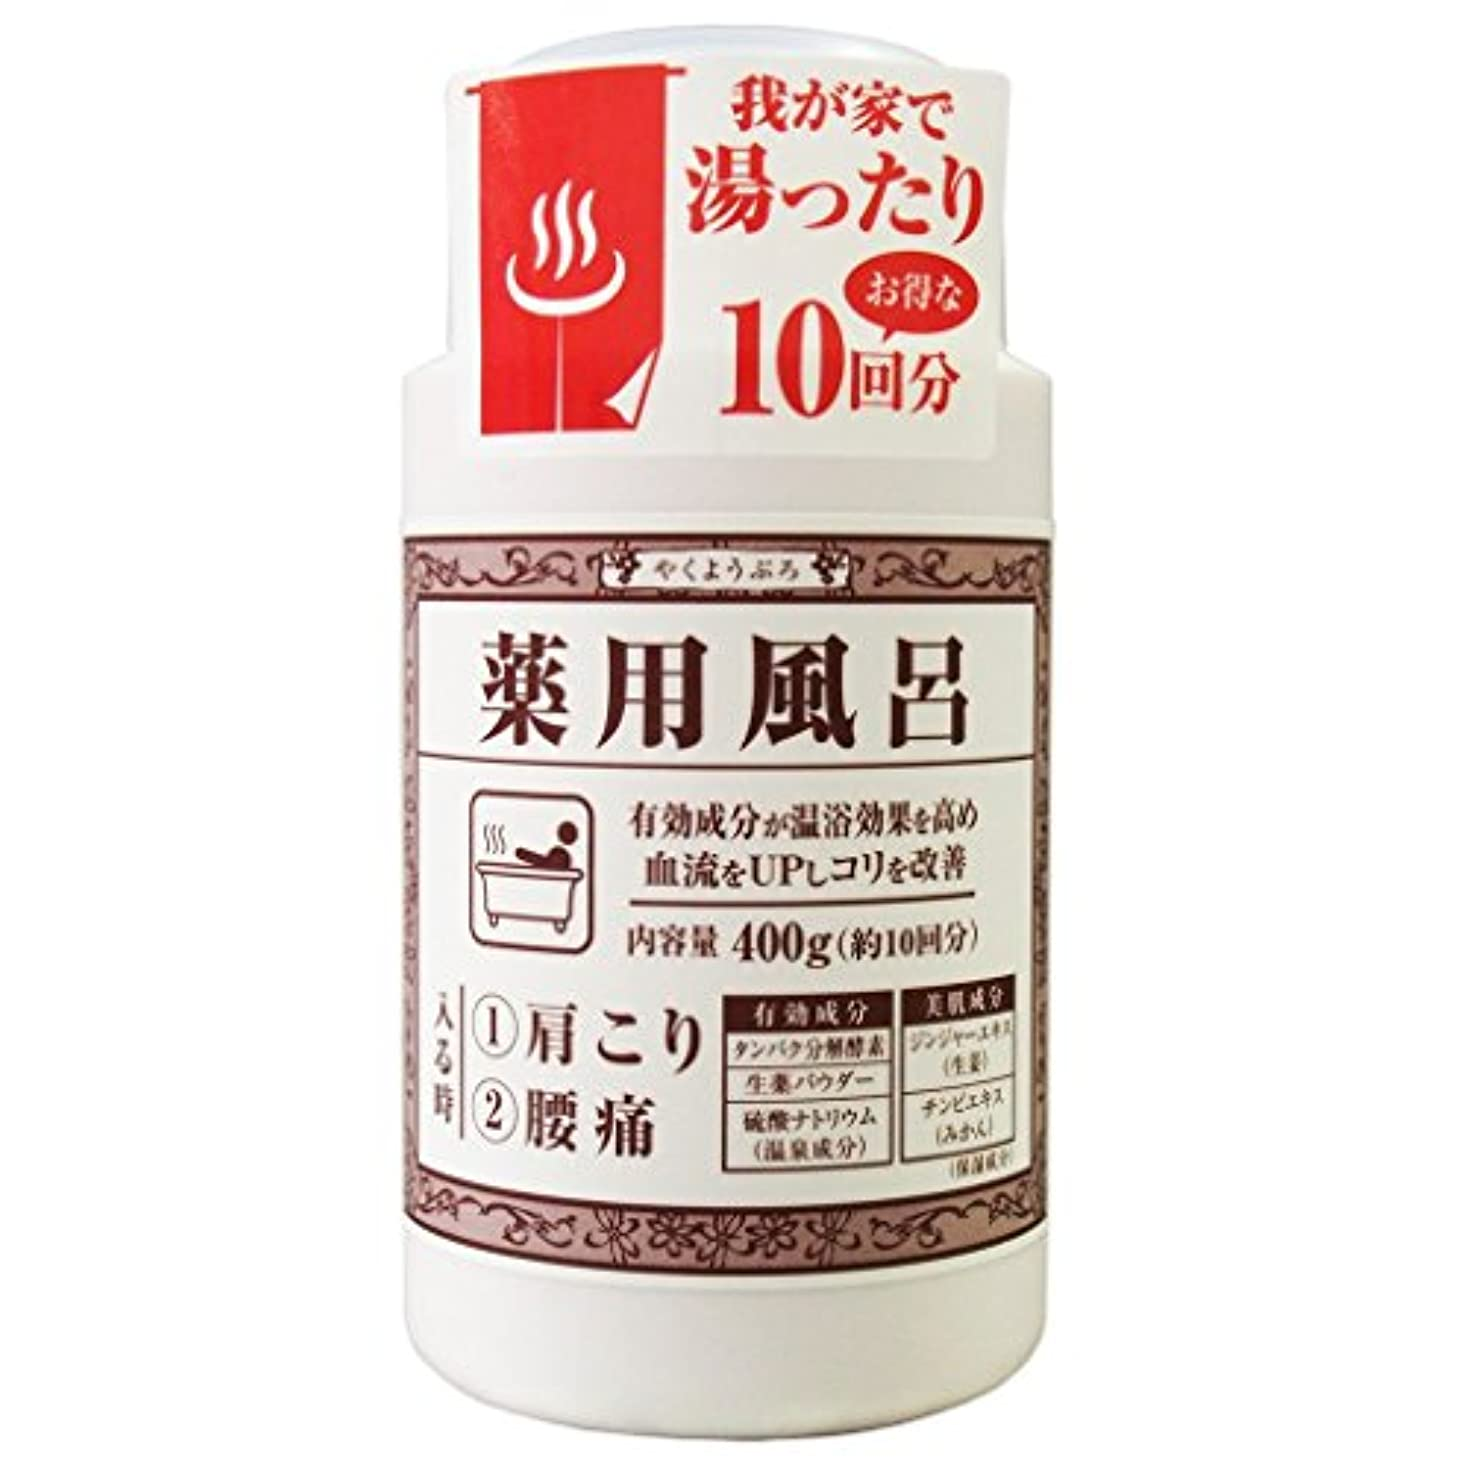 薬用風呂KKa 肩こり?腰痛 ボトル 400g(医薬部外品)